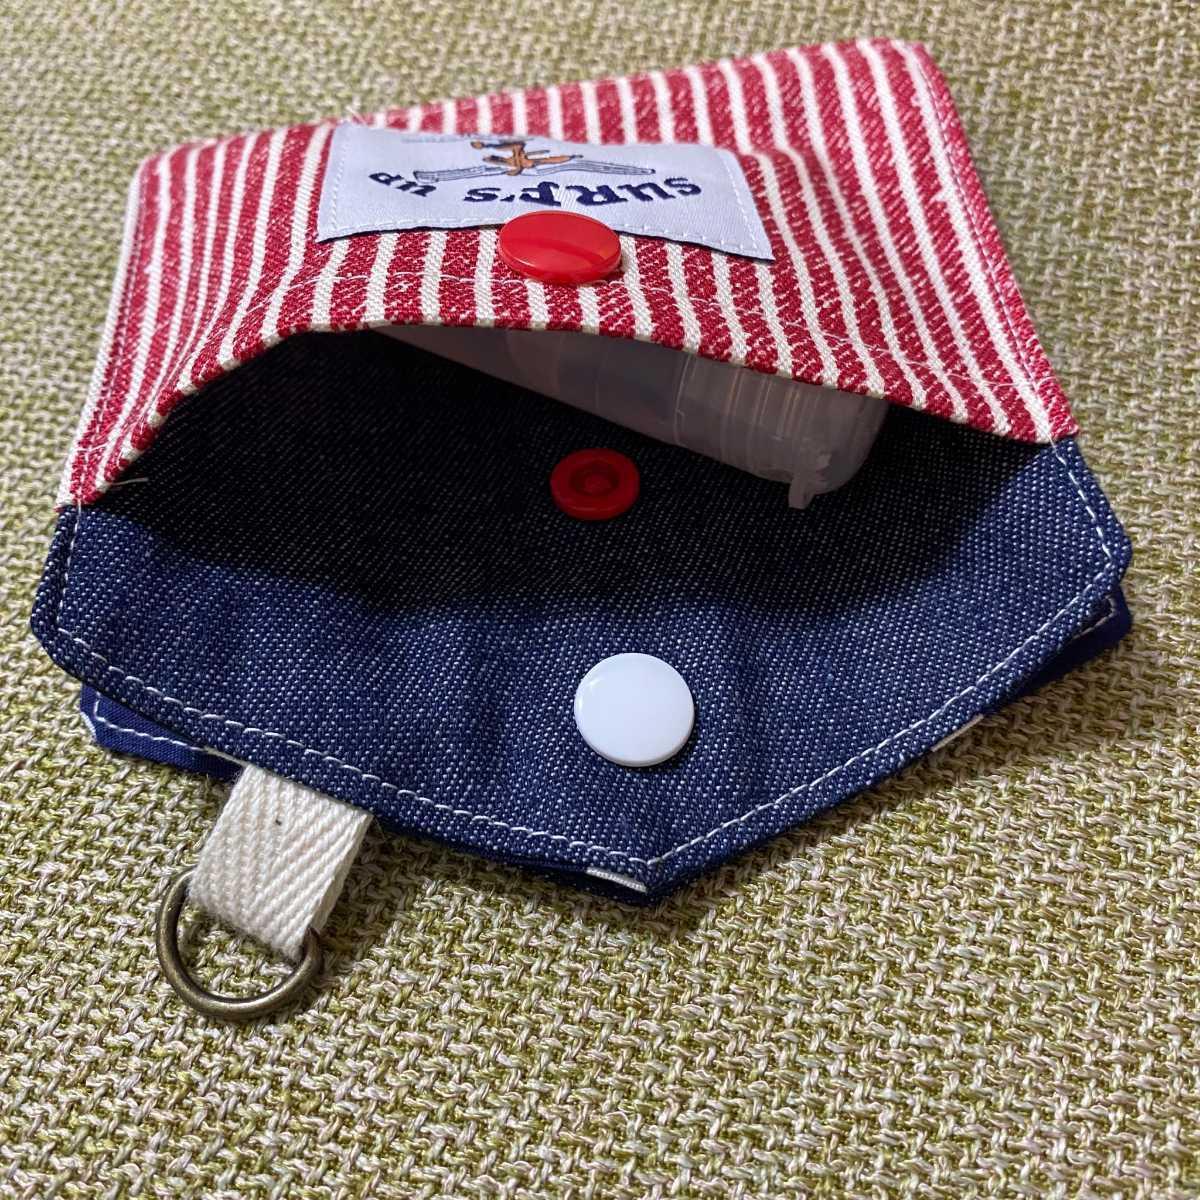 新デザイン ポケット付き original マスクケース 1 仮置きマスクポーチ 携帯用マスクケース スヌーピ柄 ハンドメイド SNOOPY_画像3